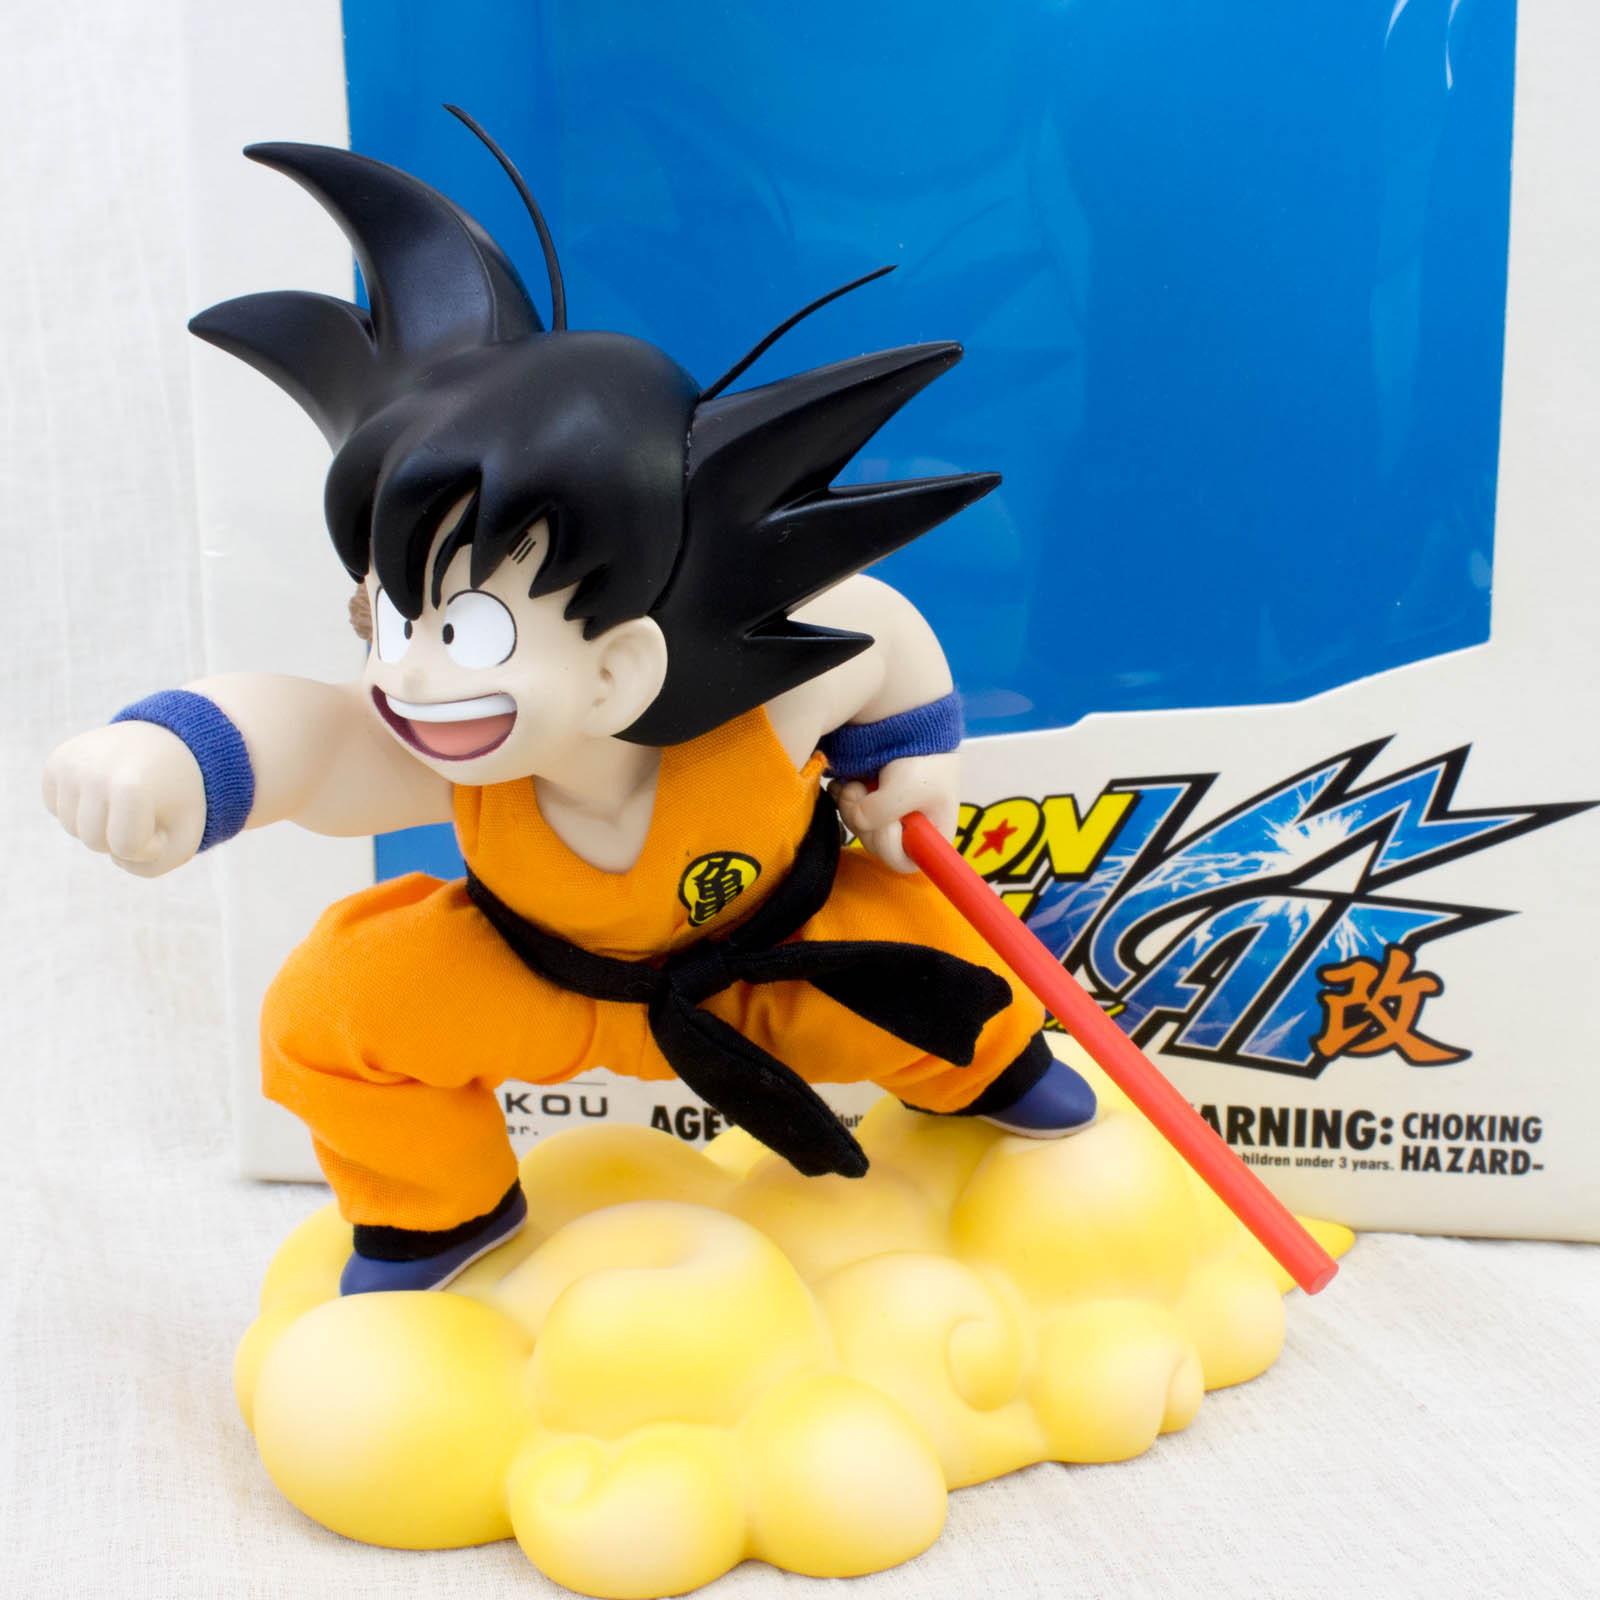 RARE! Dragon Ball KAI Son Gokou Young ver. Figure Medicom Toy JAPAN